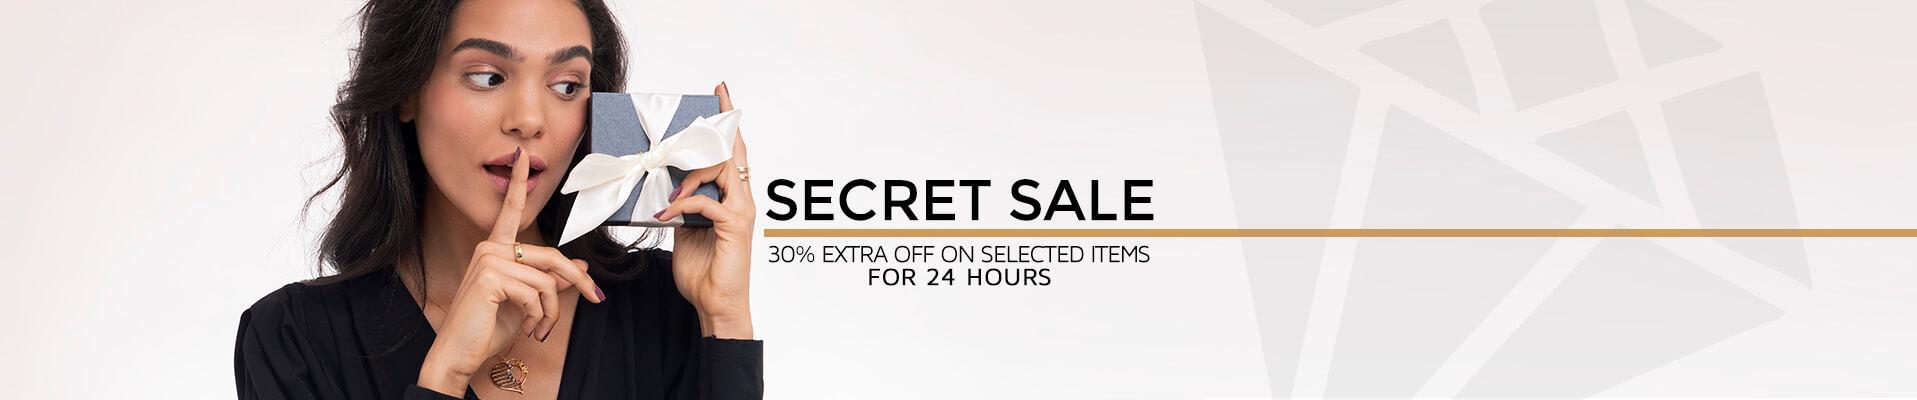 secret-sale web banner